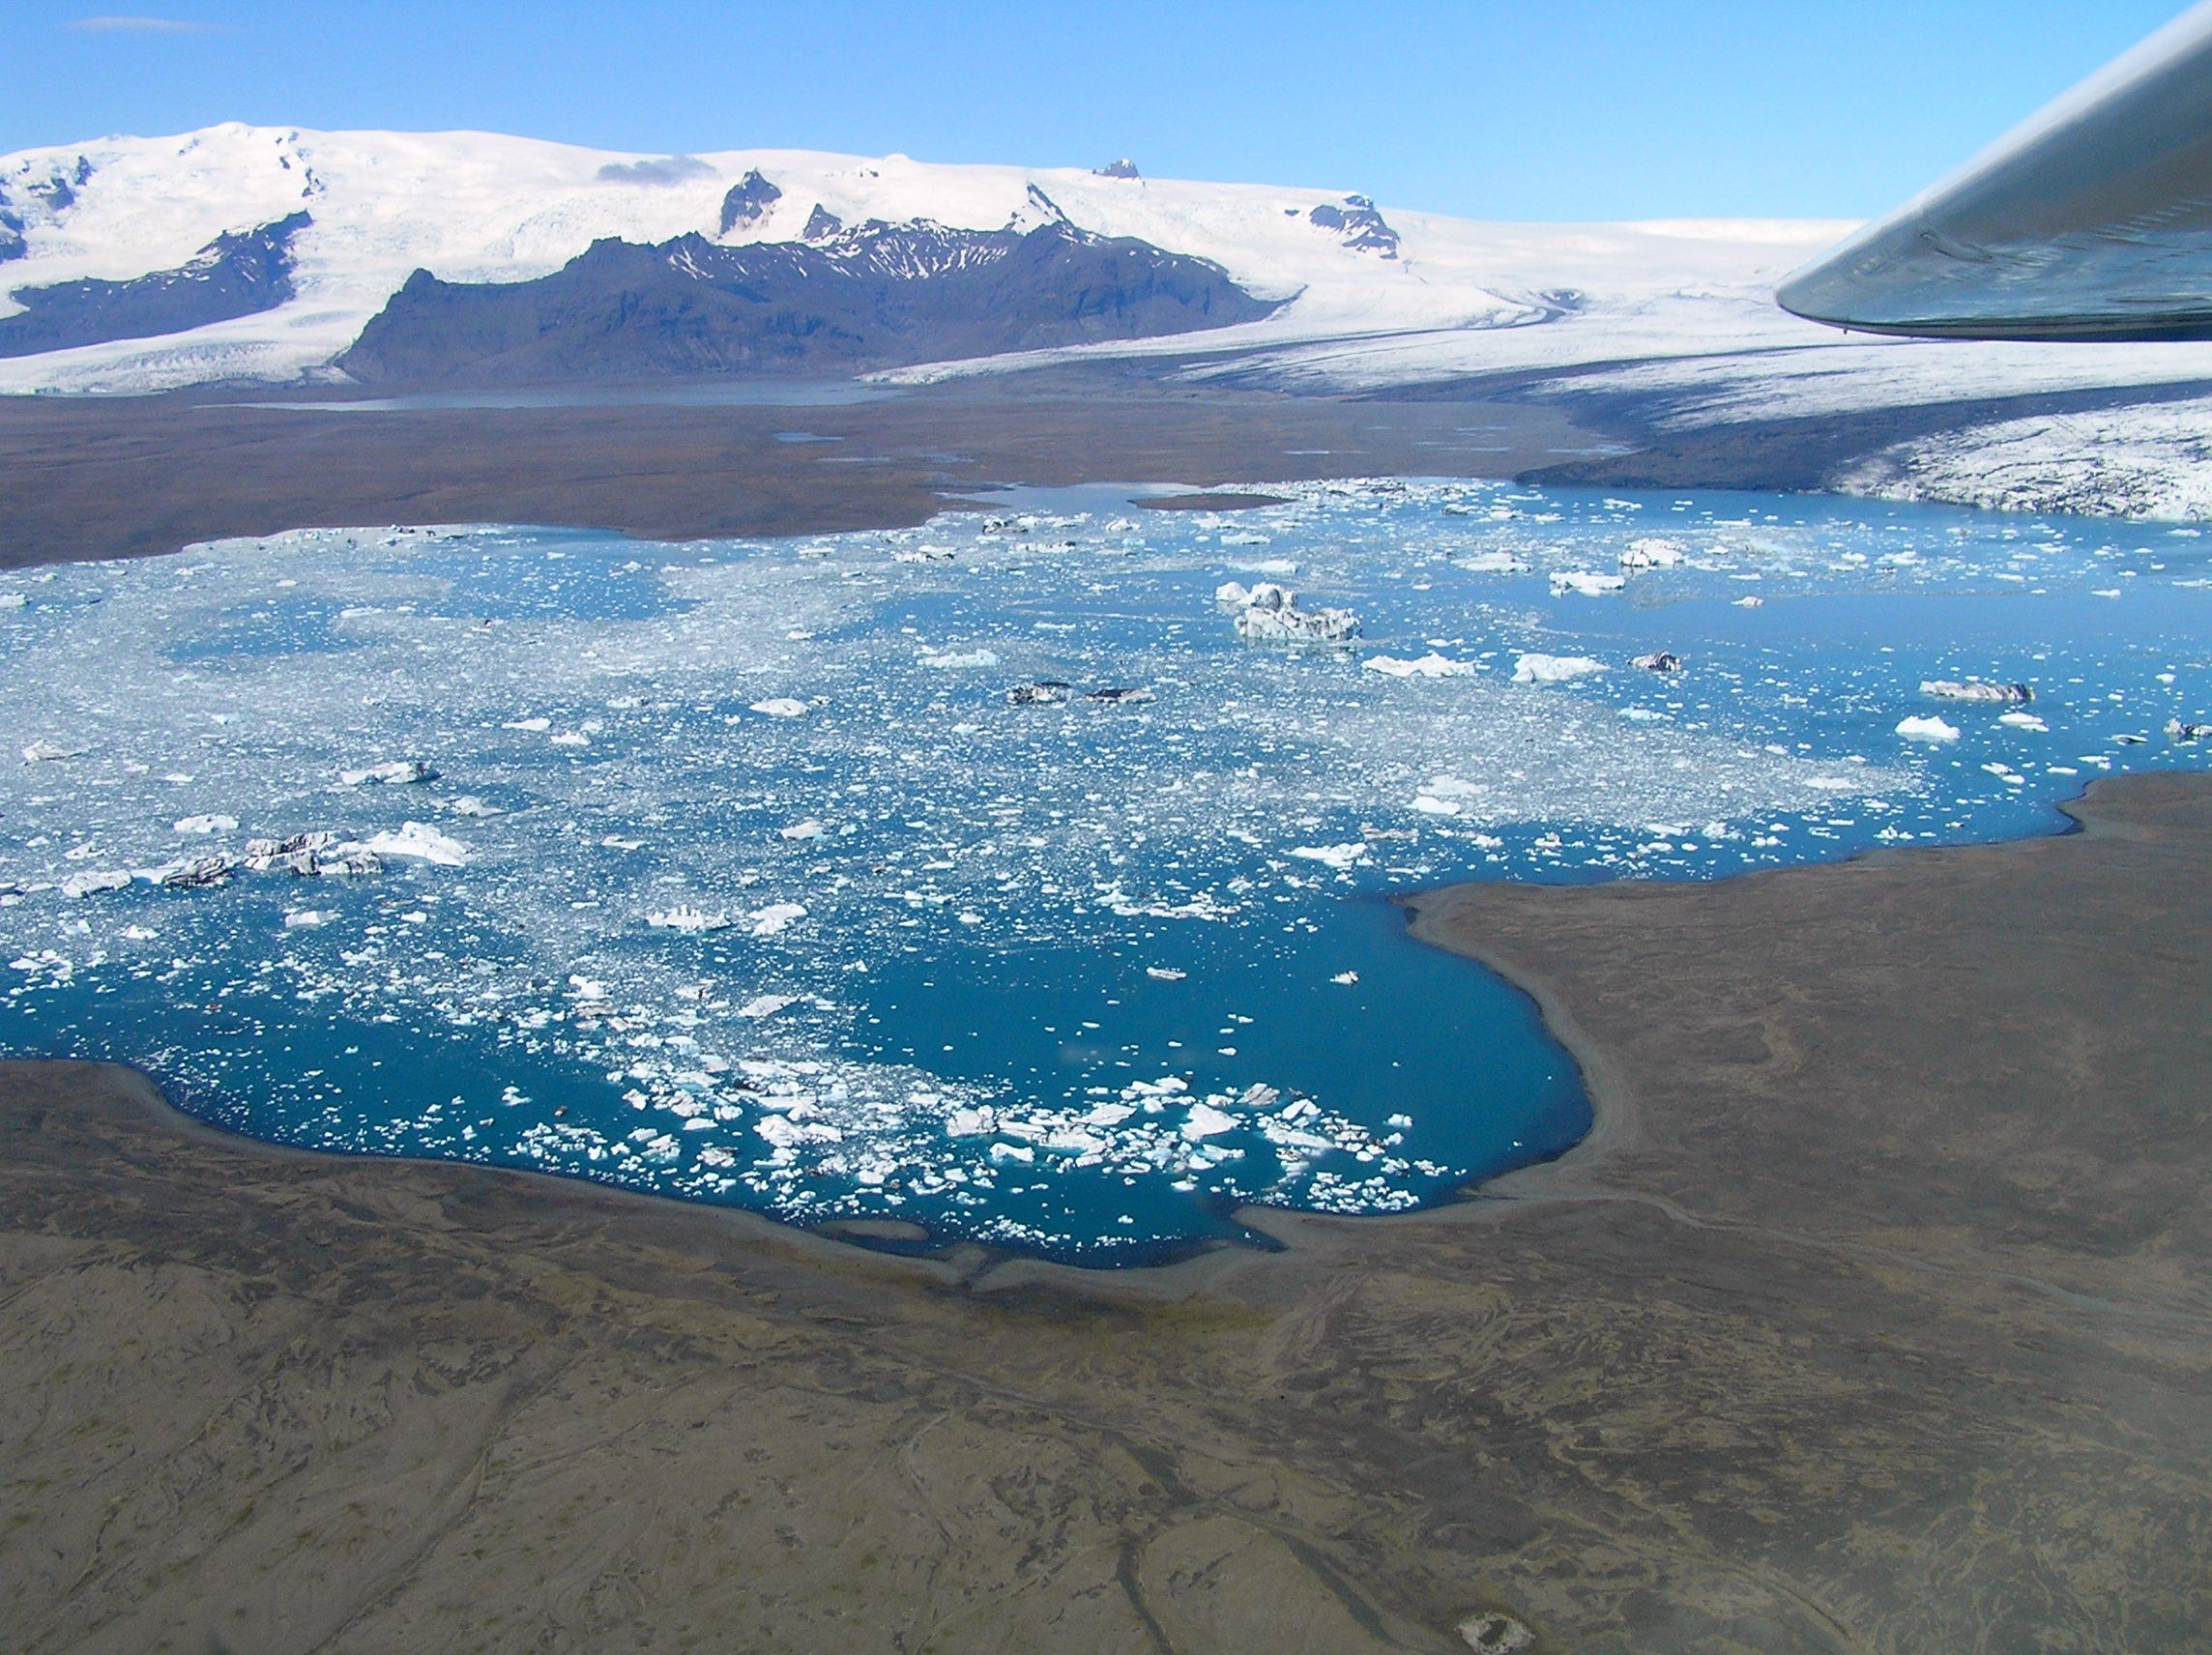 Angesichts des immer größer werdenden Einflusses des Klimawandels nehmen Islands Gletscherlagunen jedes Jahr an Größe zu.